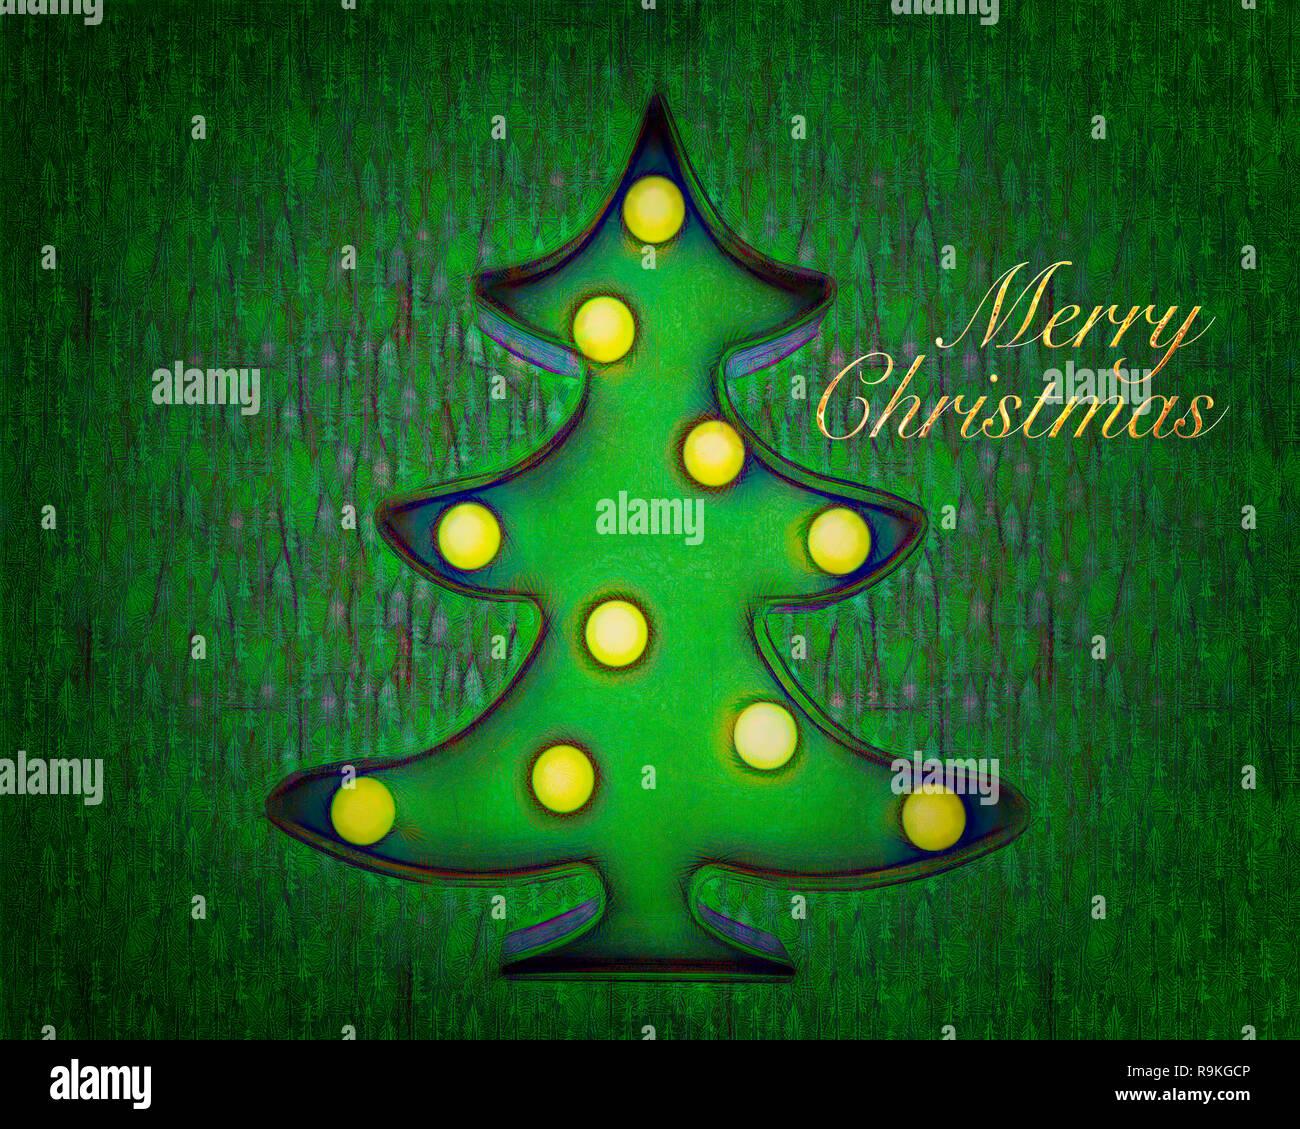 CHRISTMAS CONCEPT: Merry Christmas - Stock Image